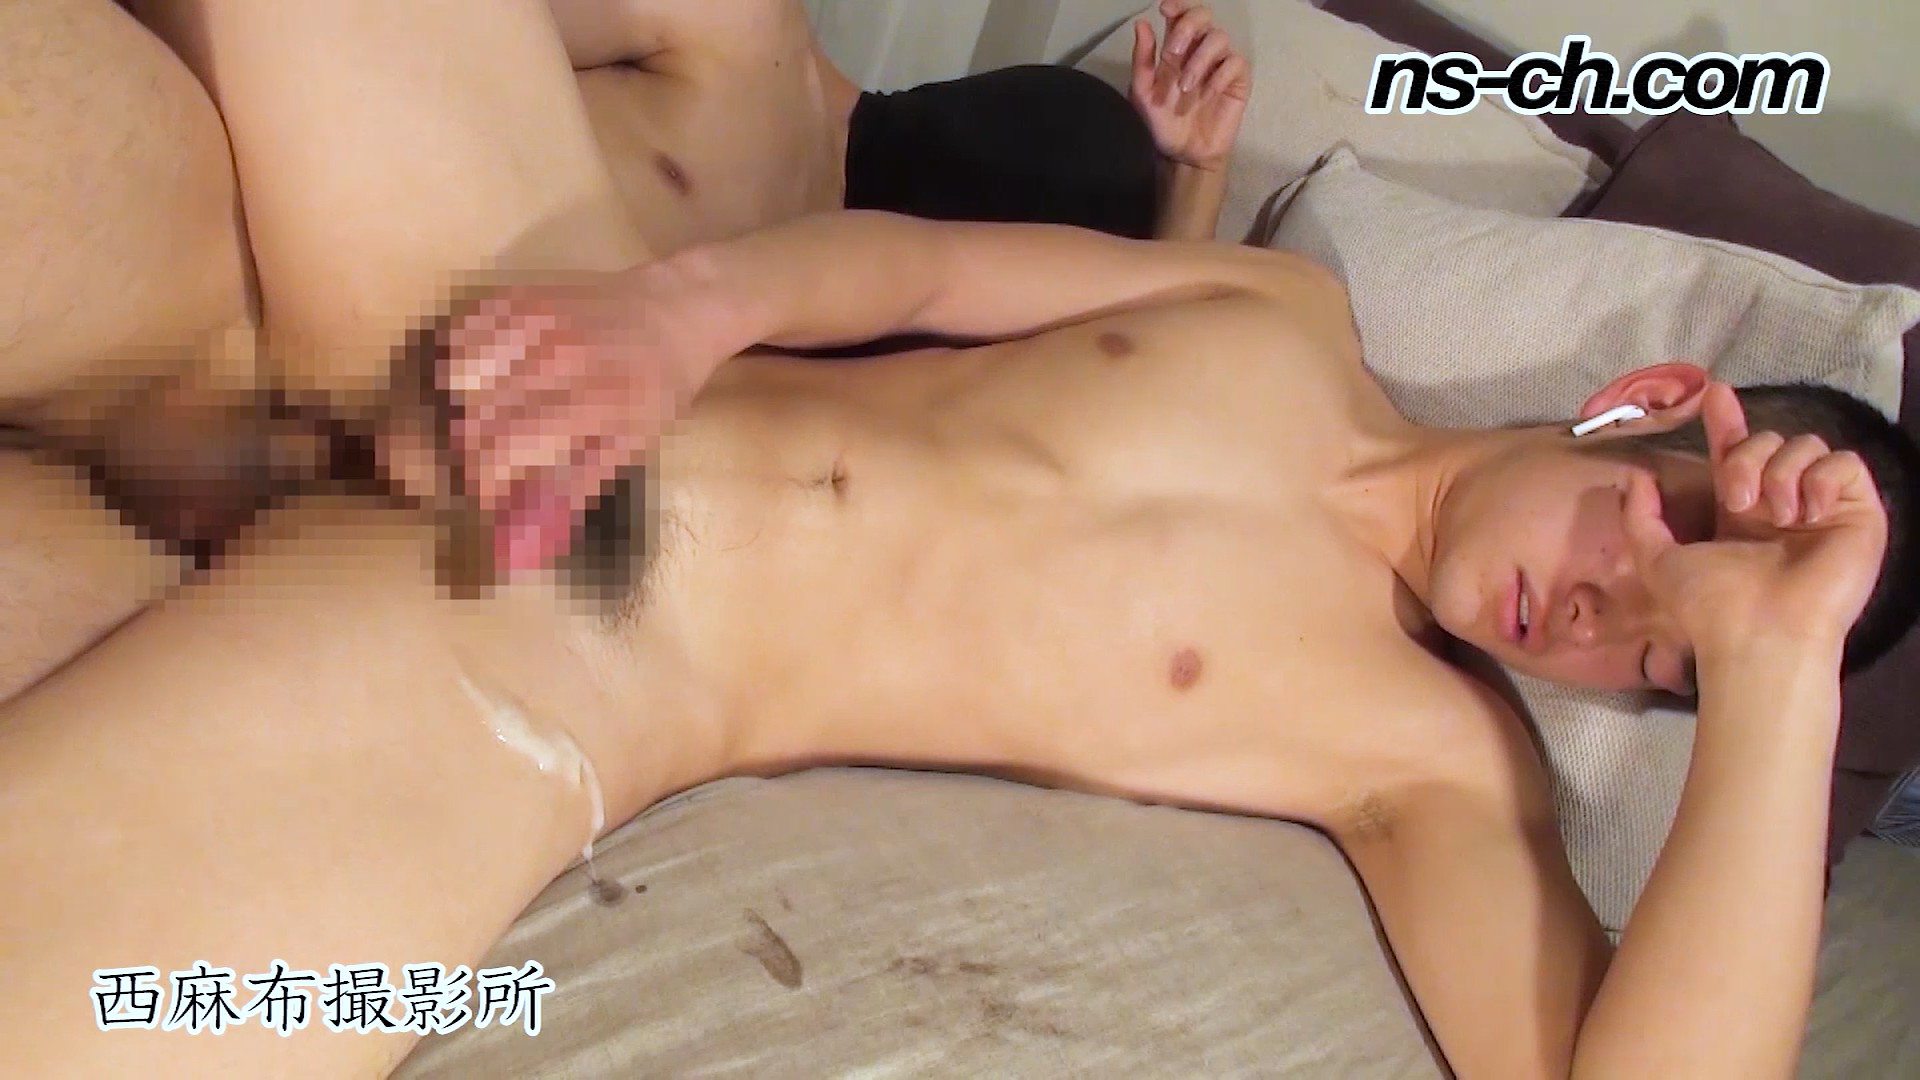 2017年02月14日_撮影No.356